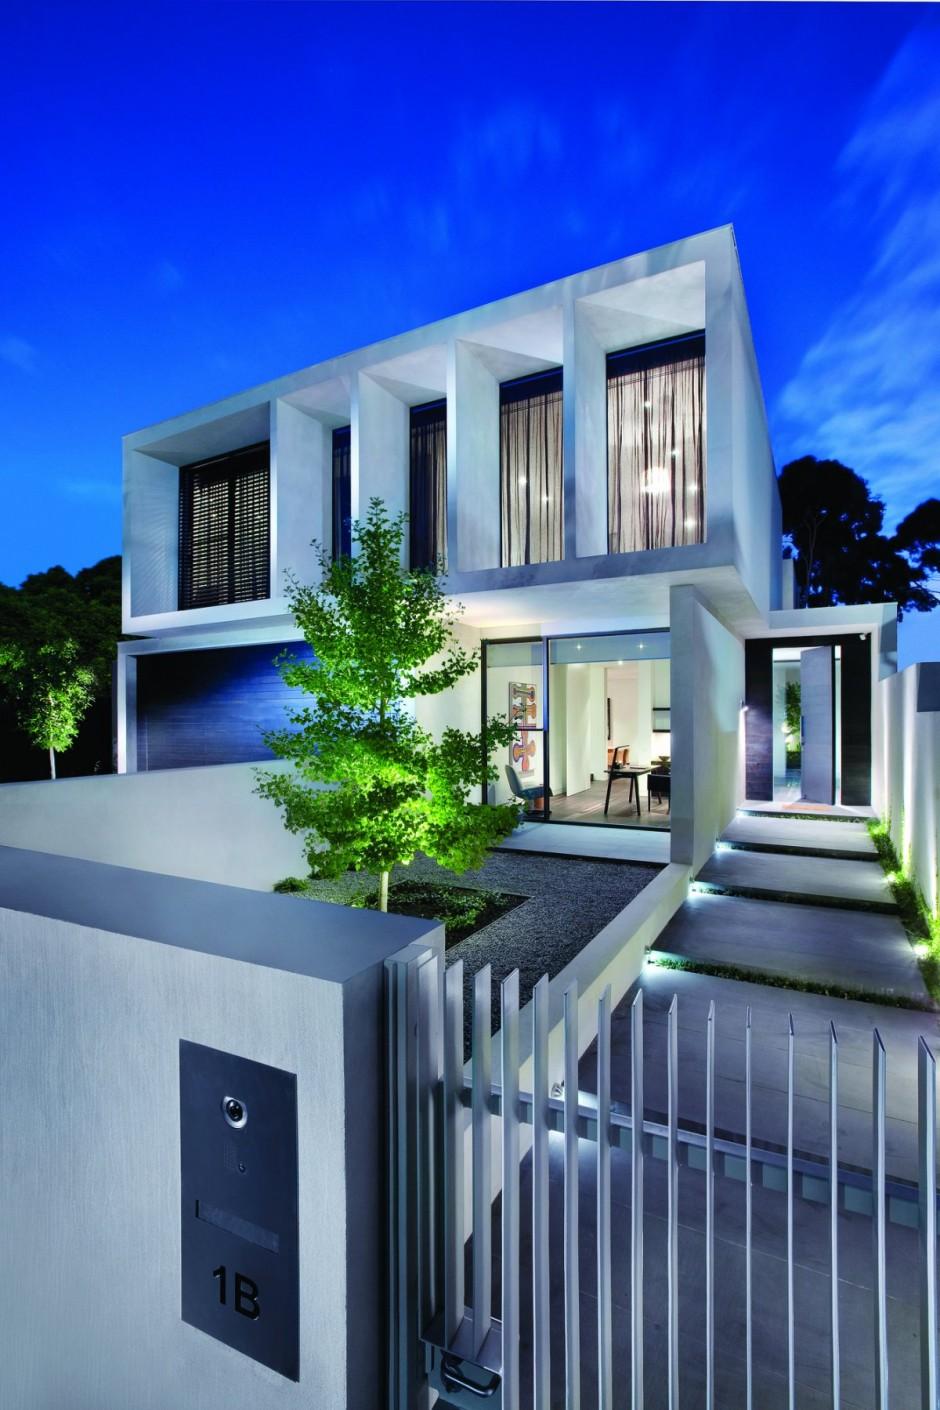 บ้านสวยโทนสีขาว